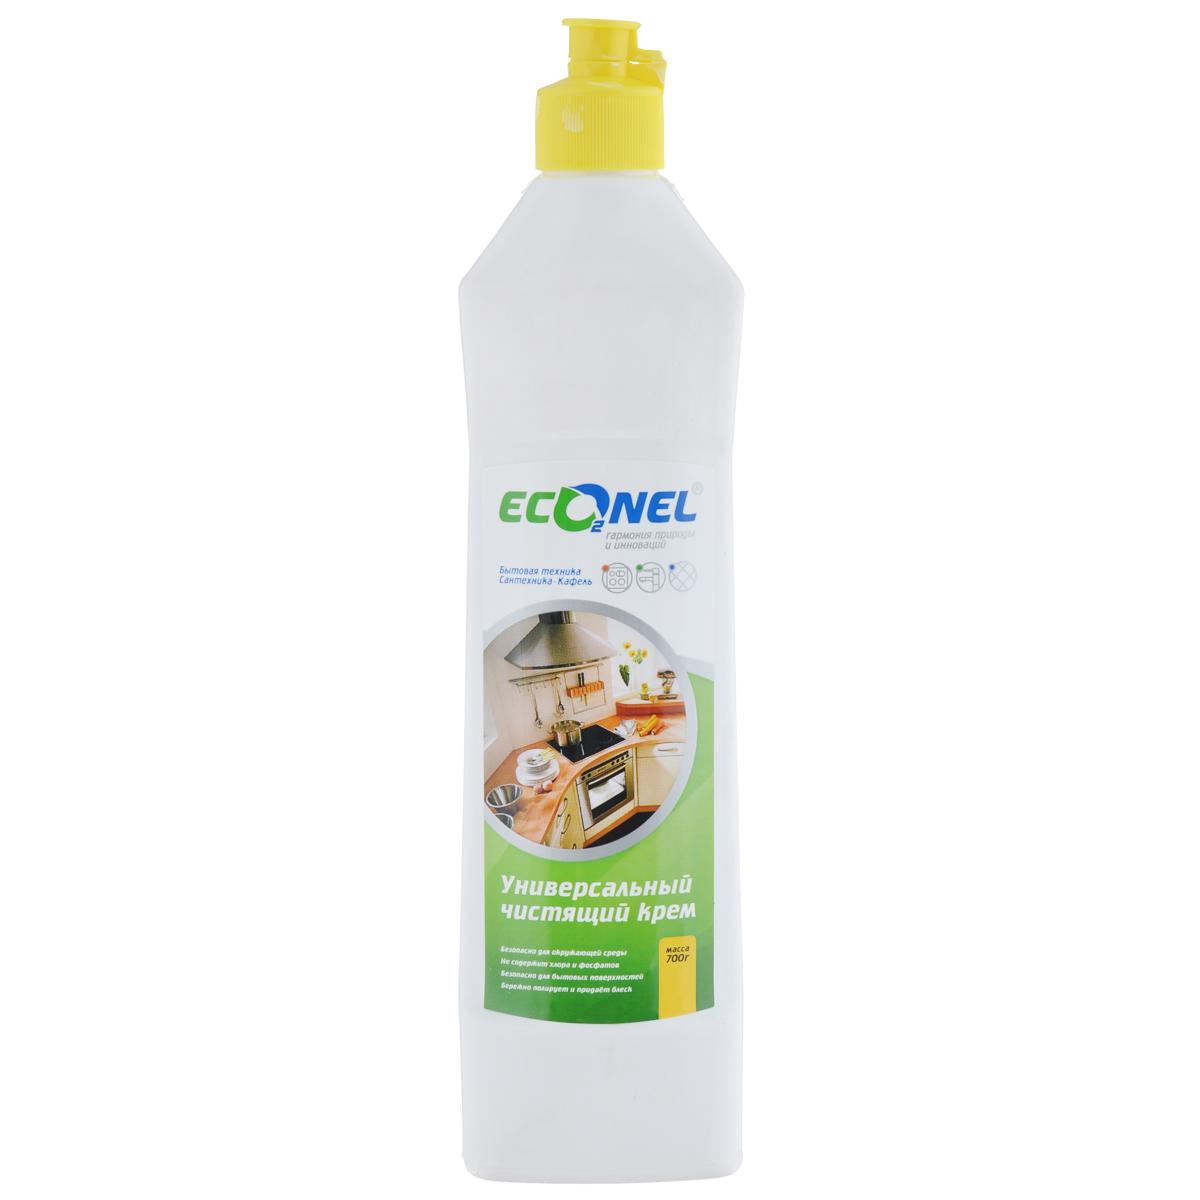 Крем чистящий Econel, универсальный, 700 г870240Универсальное чистящее средство Econel деликатно и эффективно удалит стойкую грязь, жировые и известковые налеты, остатки пригоревшей еды и прочие загрязнения, характерные для кухни и ванной комнаты. Идеально подходит для чистки эмалированных, хромированных поверхностей, изделий из стекла, нержавеющей стали, фарфора, фаянса, серебра. Благодаря мягкой абразивной текстуре кремообразное средство проникает в структуру загрязнения, устраняет ее, не причиняя вреда очищаемой поверхности.Состав: менее 5%: анионные поверхностно-активные вещества, неионогенные поверхностно-активные вещества, кислота олеиновая, натр едкий, полиоксихлорид алюминия, консервант, ароматизирующая добавка; более 30%: мягкий абразивный наполнитель, вода очищенная.